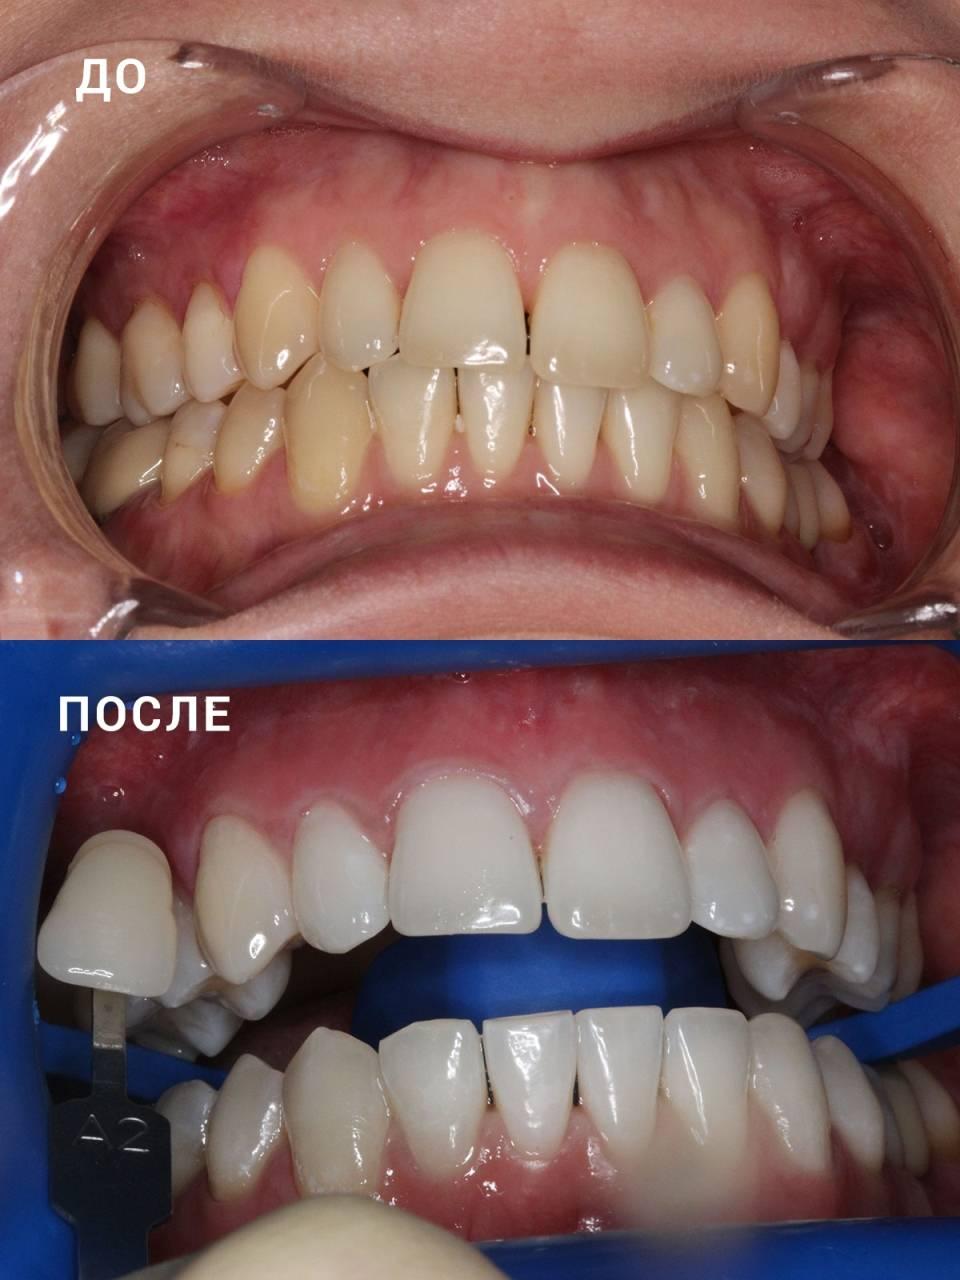 Что такое отбеливание zoom 3, сколько держится результат: реальные фото зубов до и после процедуры